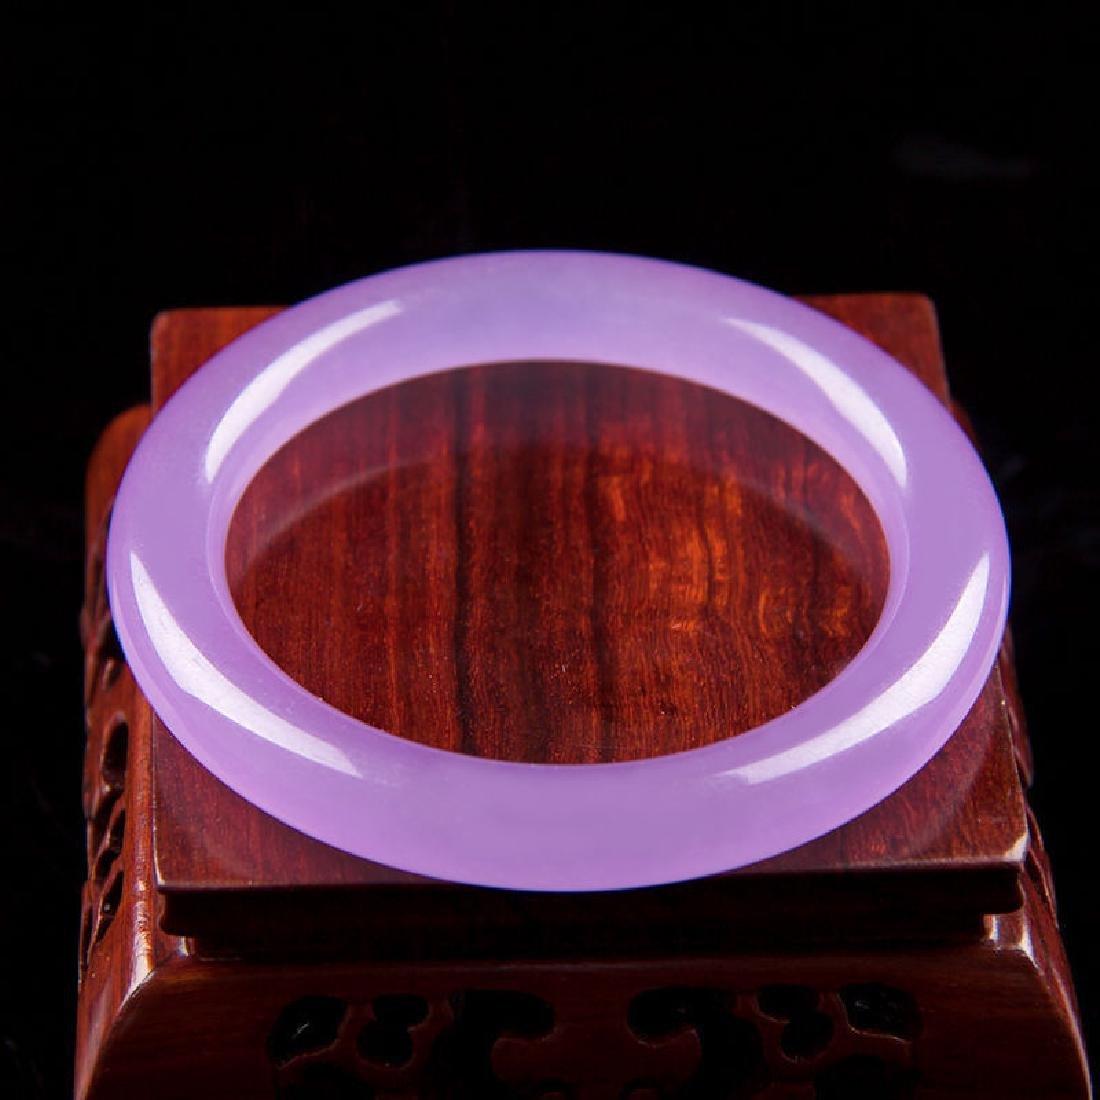 100% Natural purple Jade Bangle Bracelet 60mm - 2